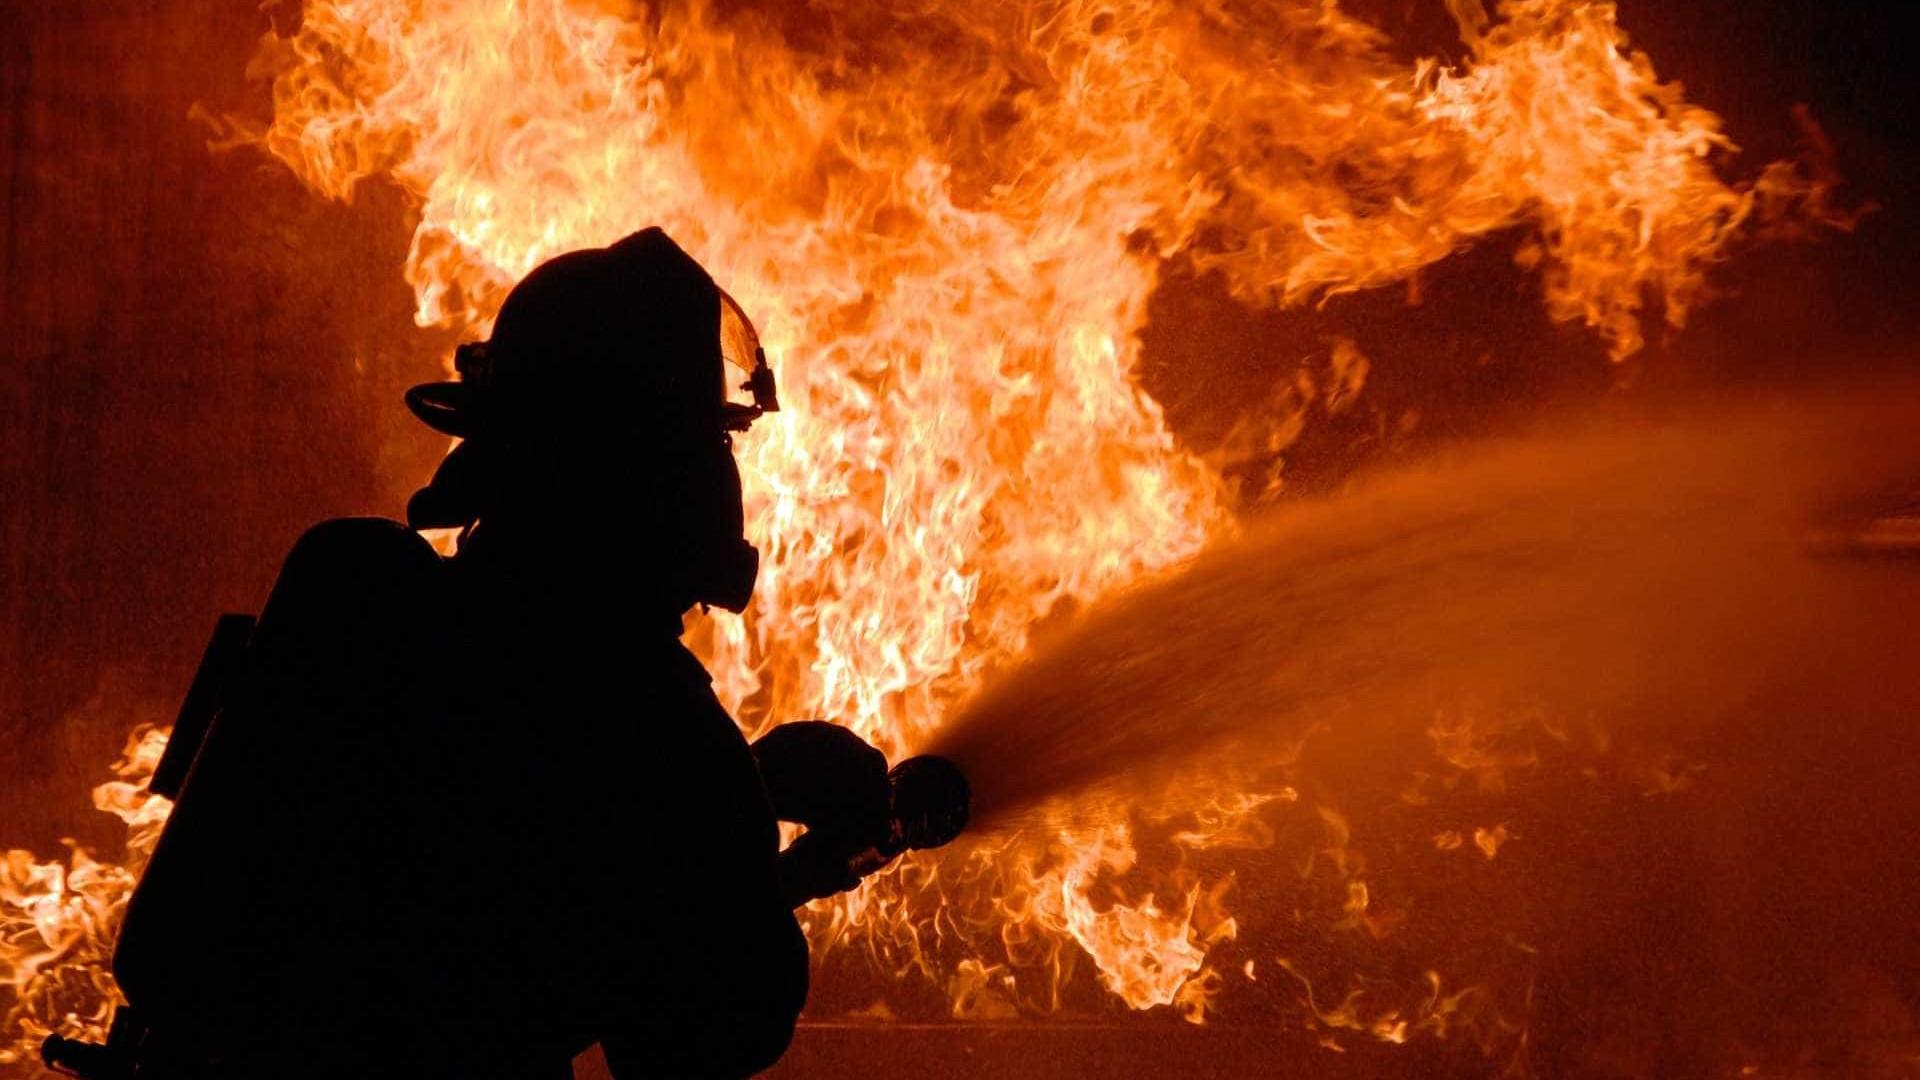 Explosões causam incêndios em 39 casas perto de Boston; um morreu